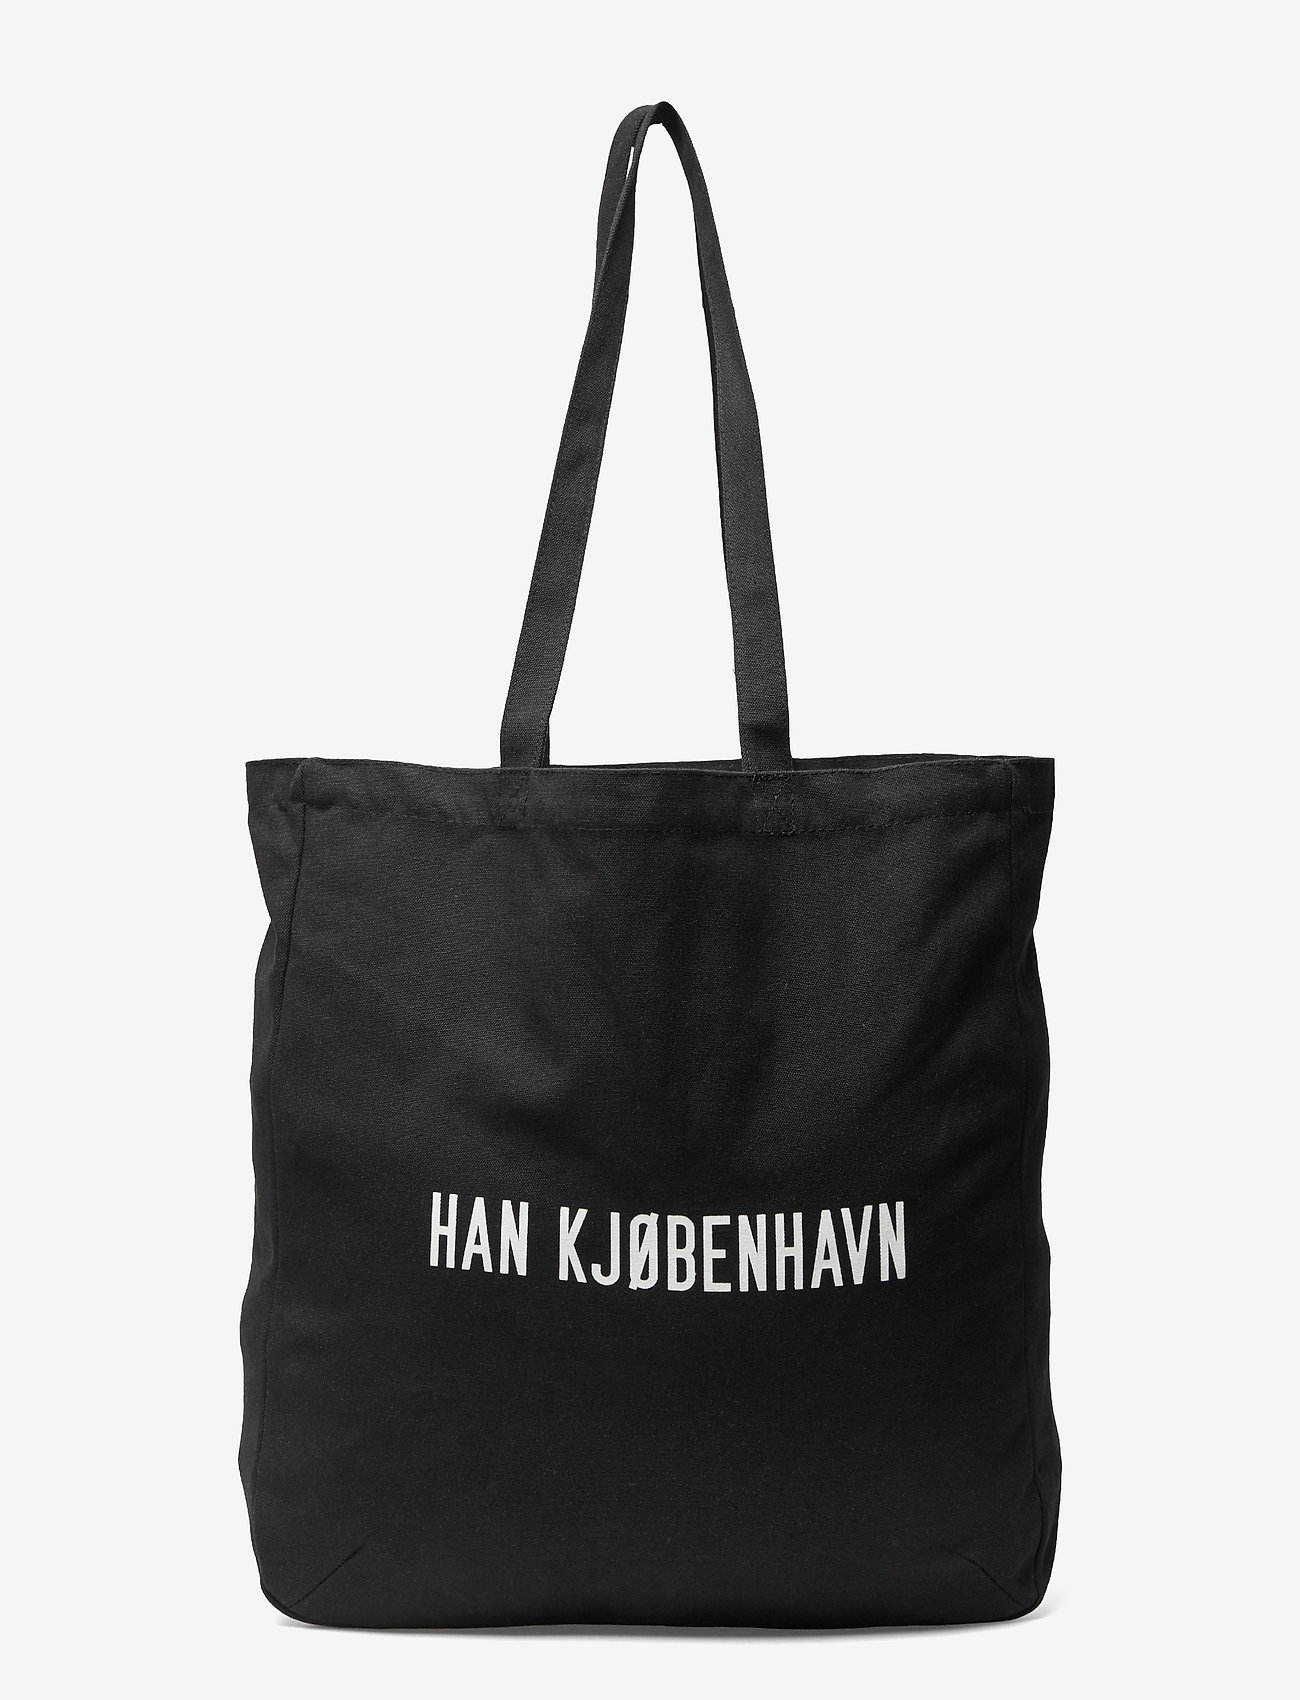 HAN Kjøbenhavn - Tote Bag HAN KJØBENHAVN - tassen - black - 0